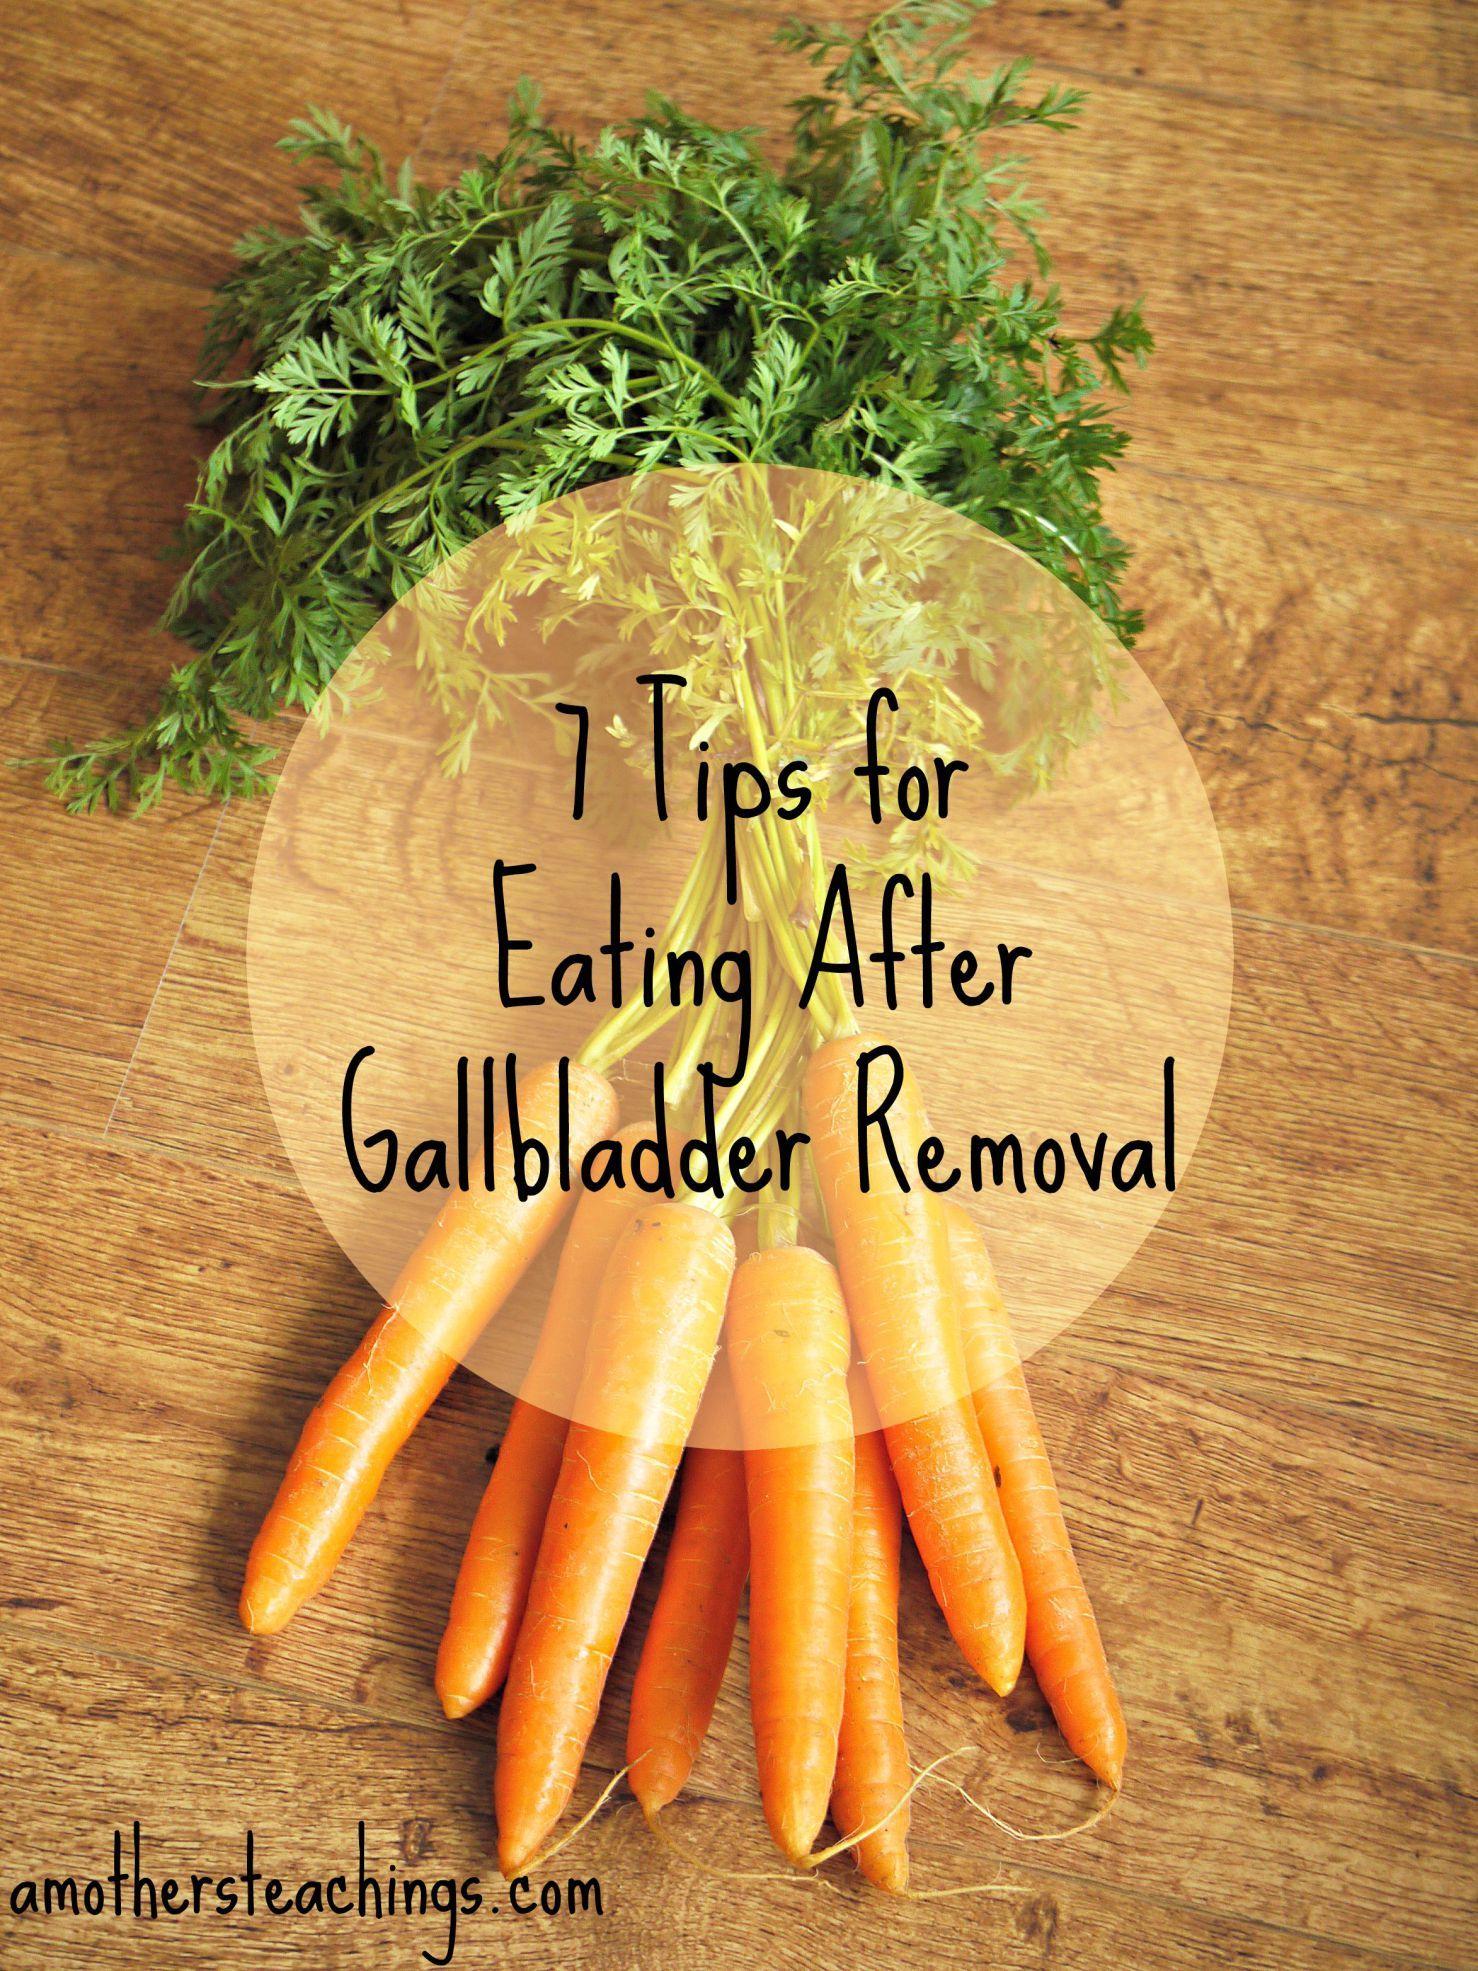 7 Tips For Eating After Gallbladder Removal After